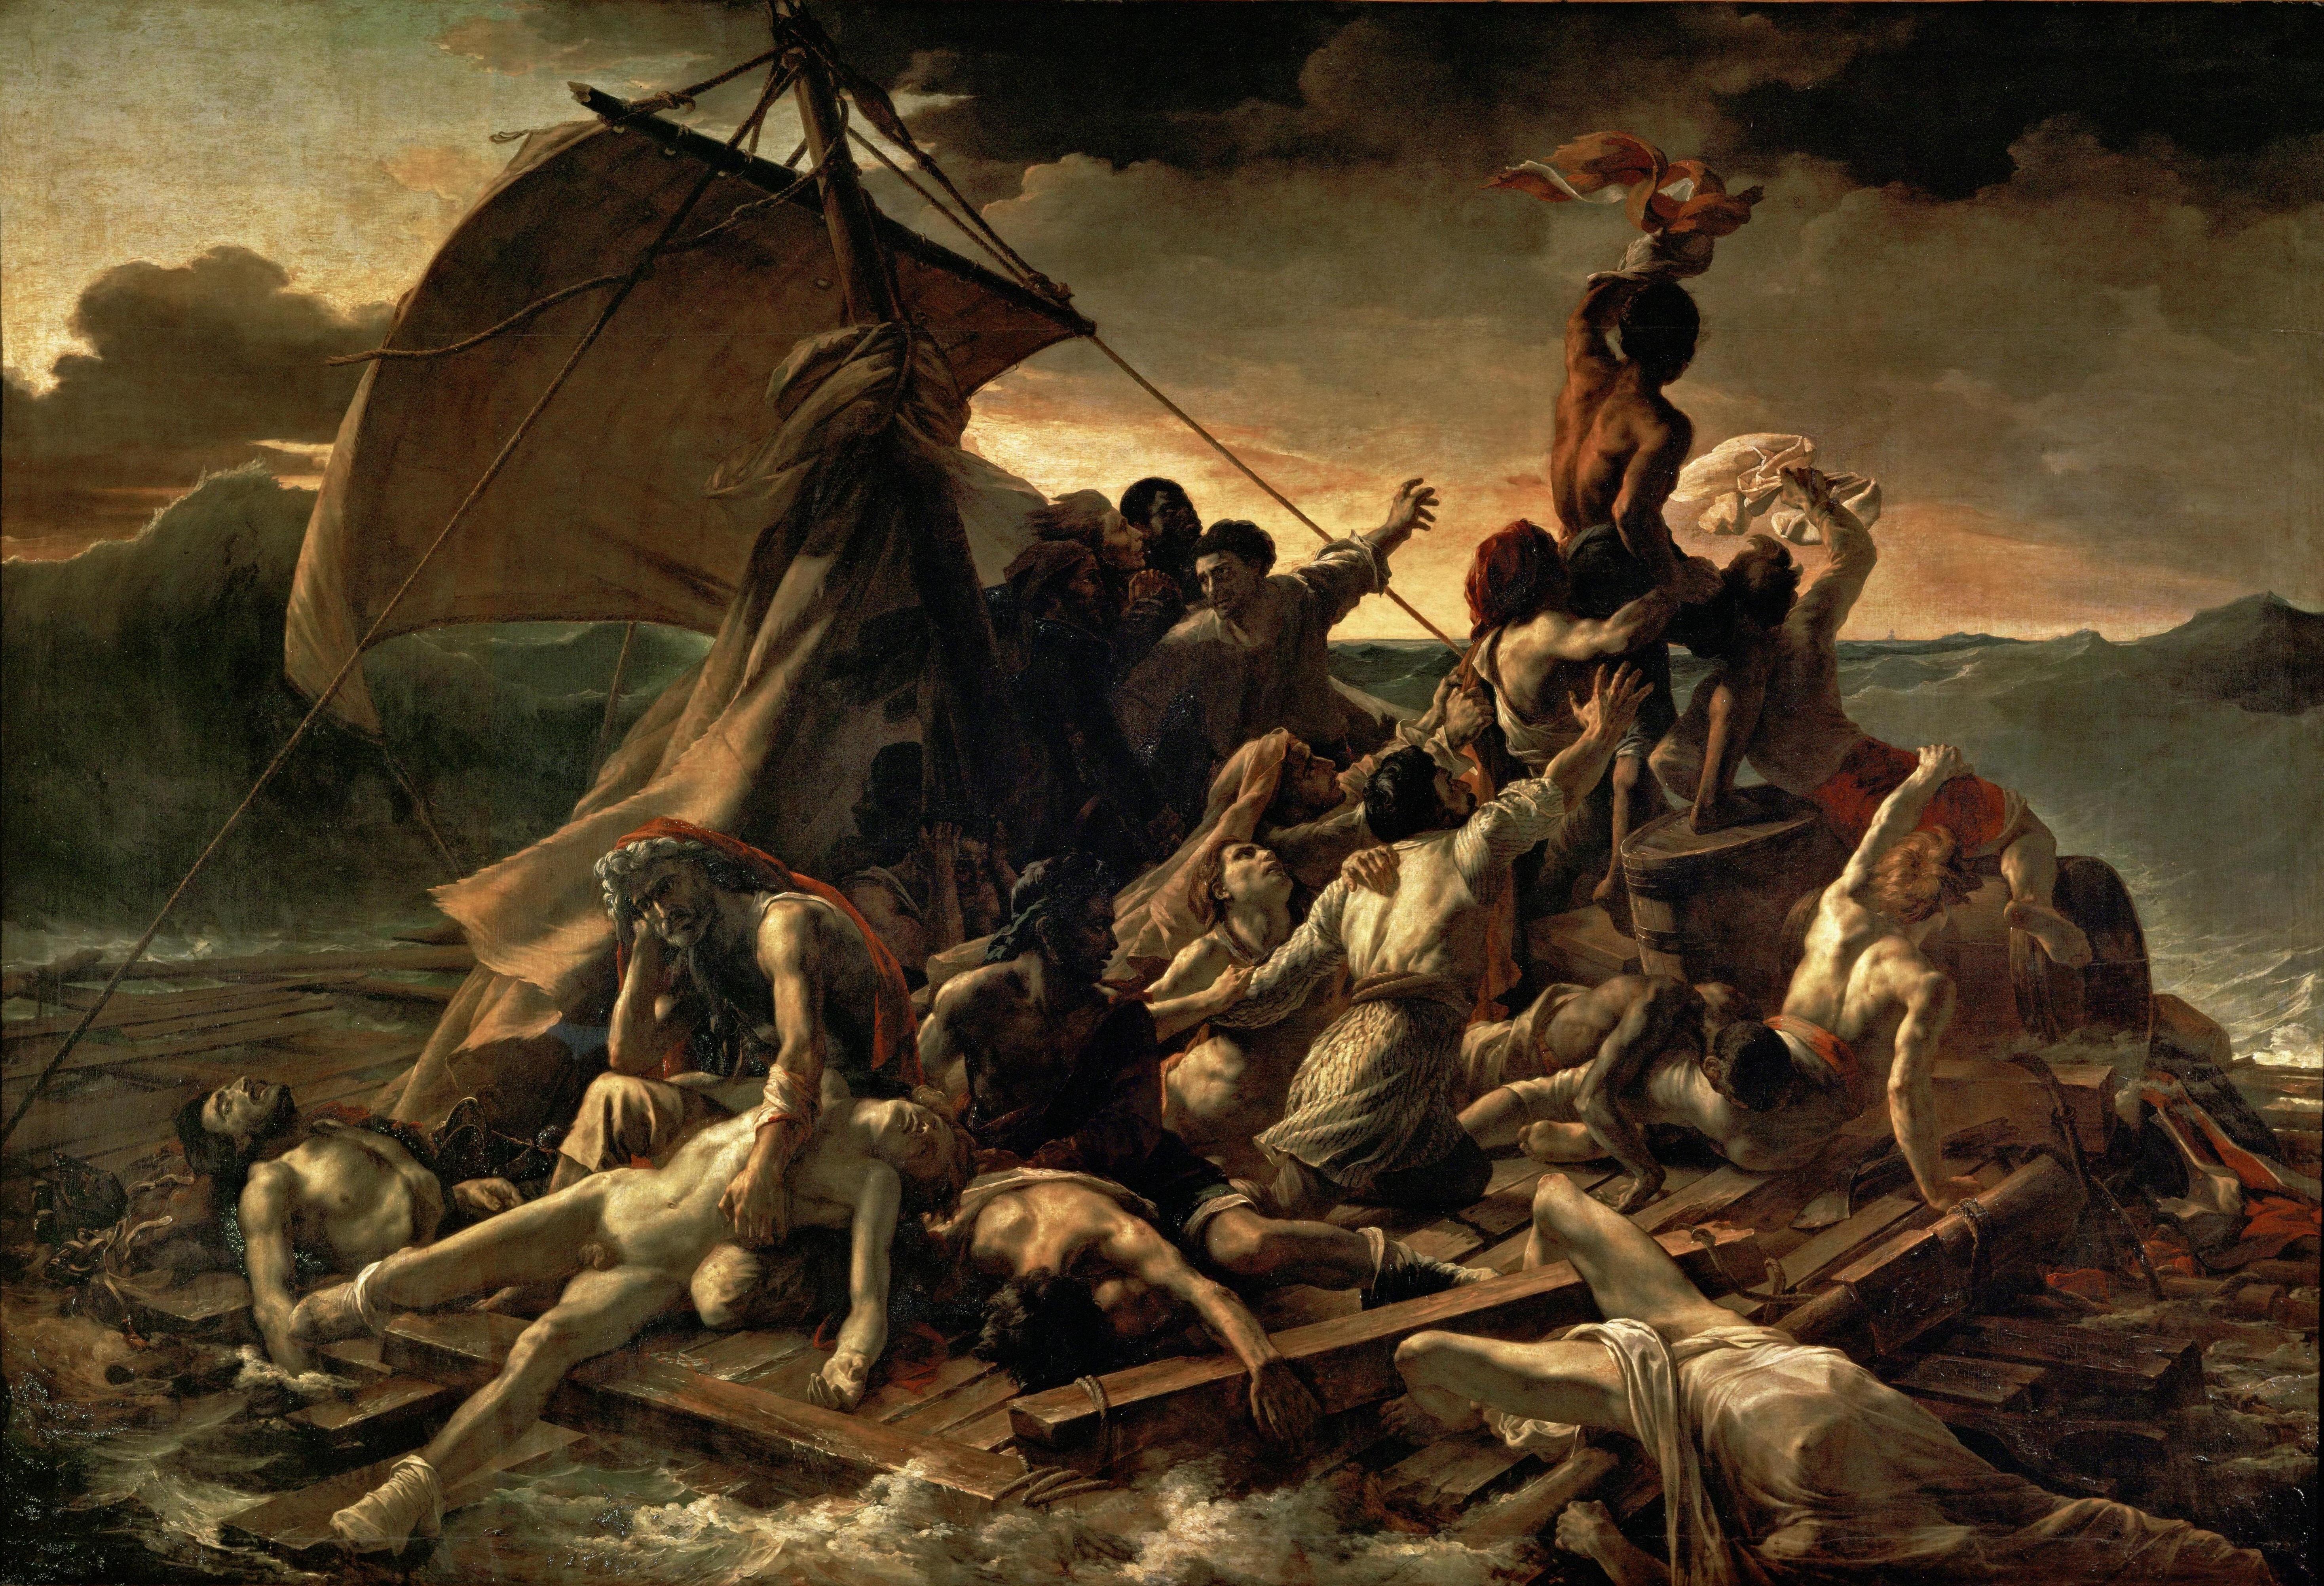 Le naufrage et la maîtrise de Géricault